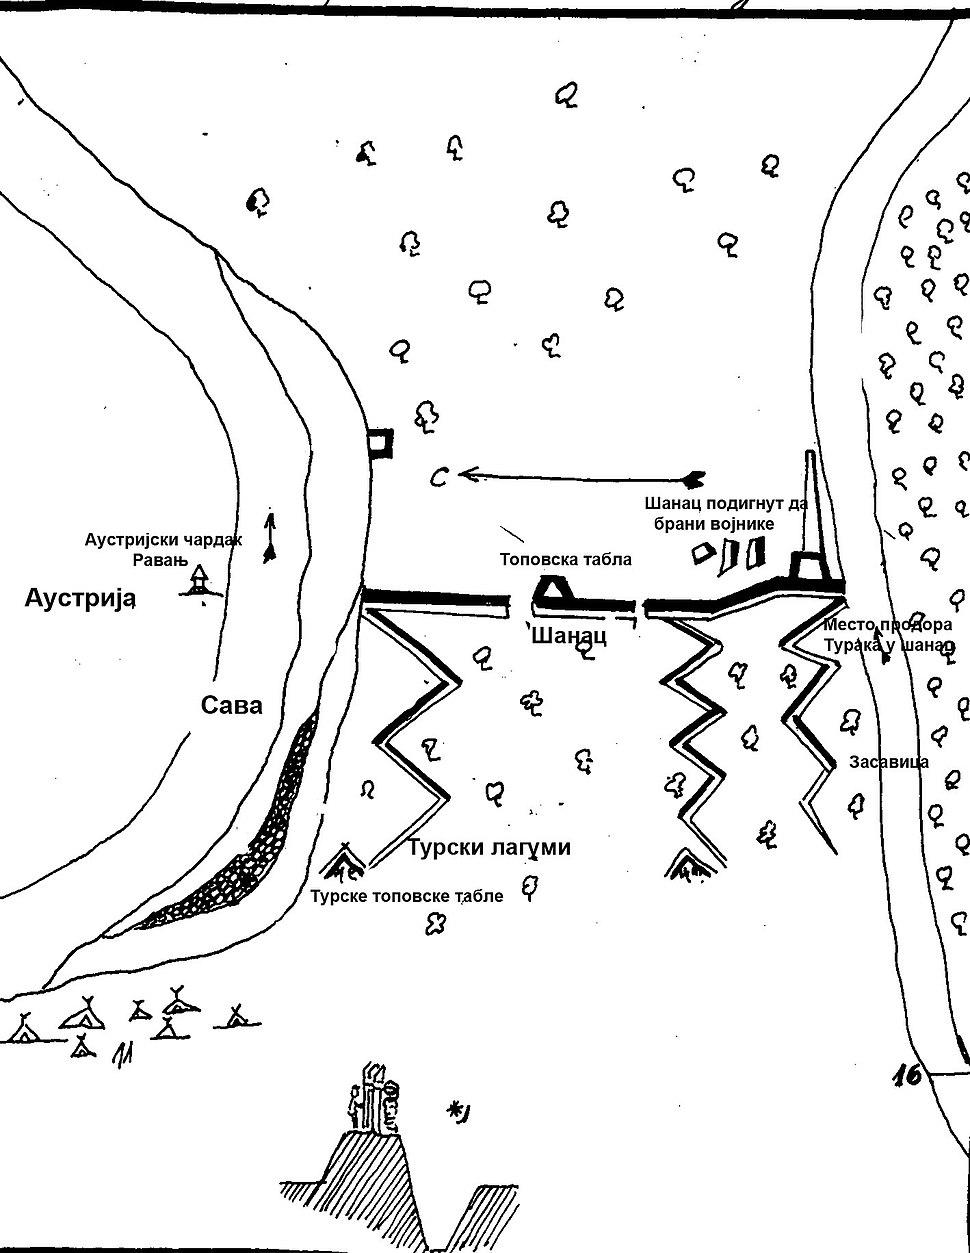 Battle of Ravanj map